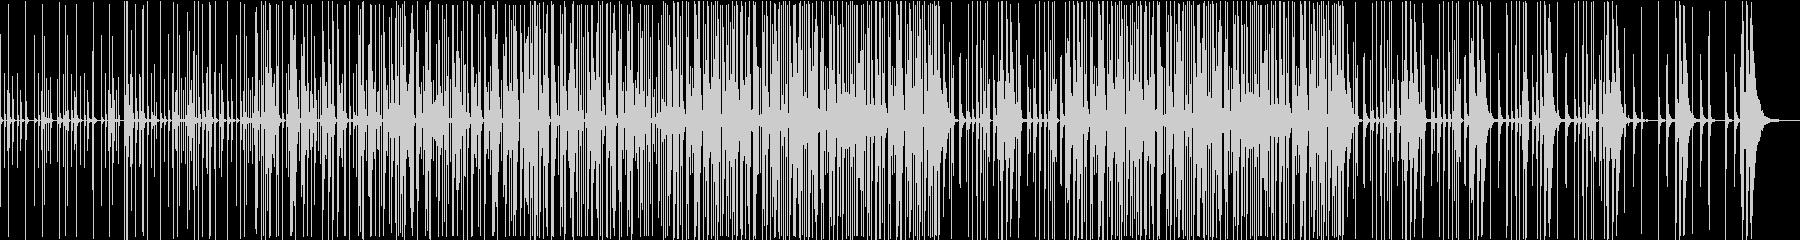 身の周りの音で作ったリズムのみのBGMの未再生の波形